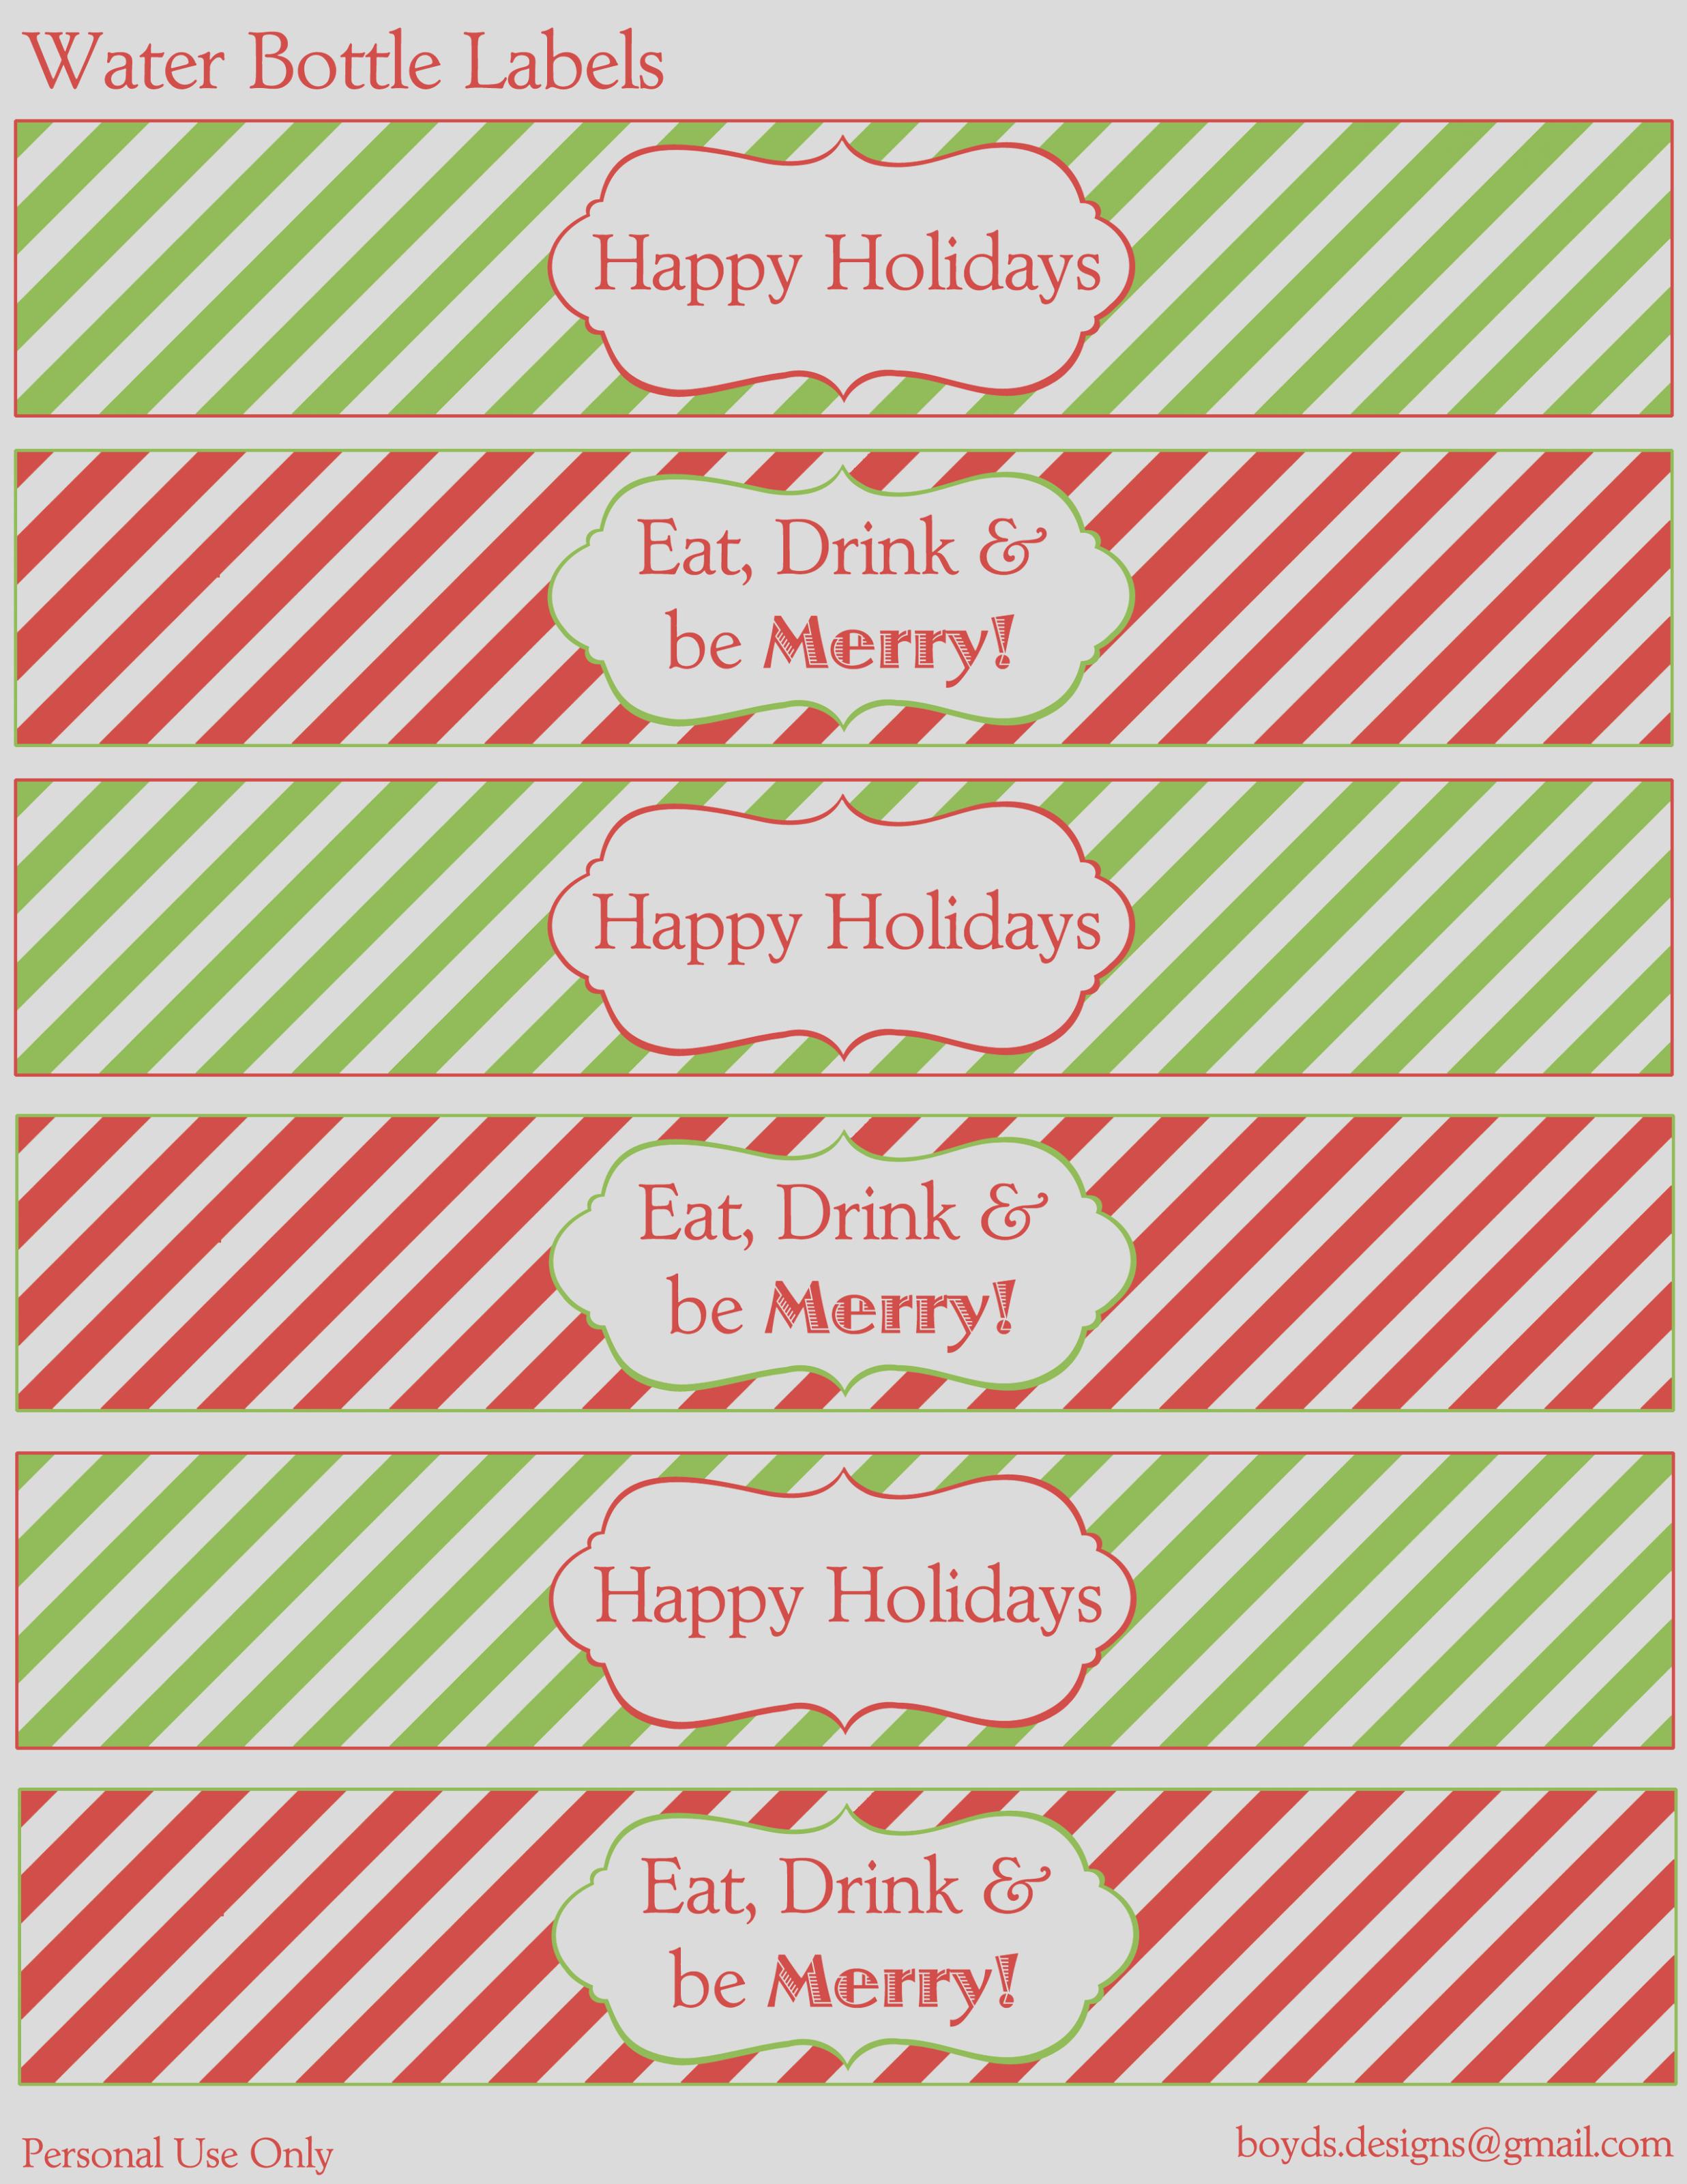 10 Days Of Christmas Diy Printable Freebies! Day 10 – Water Bottle - Christmas Water Bottle Labels Free Printable